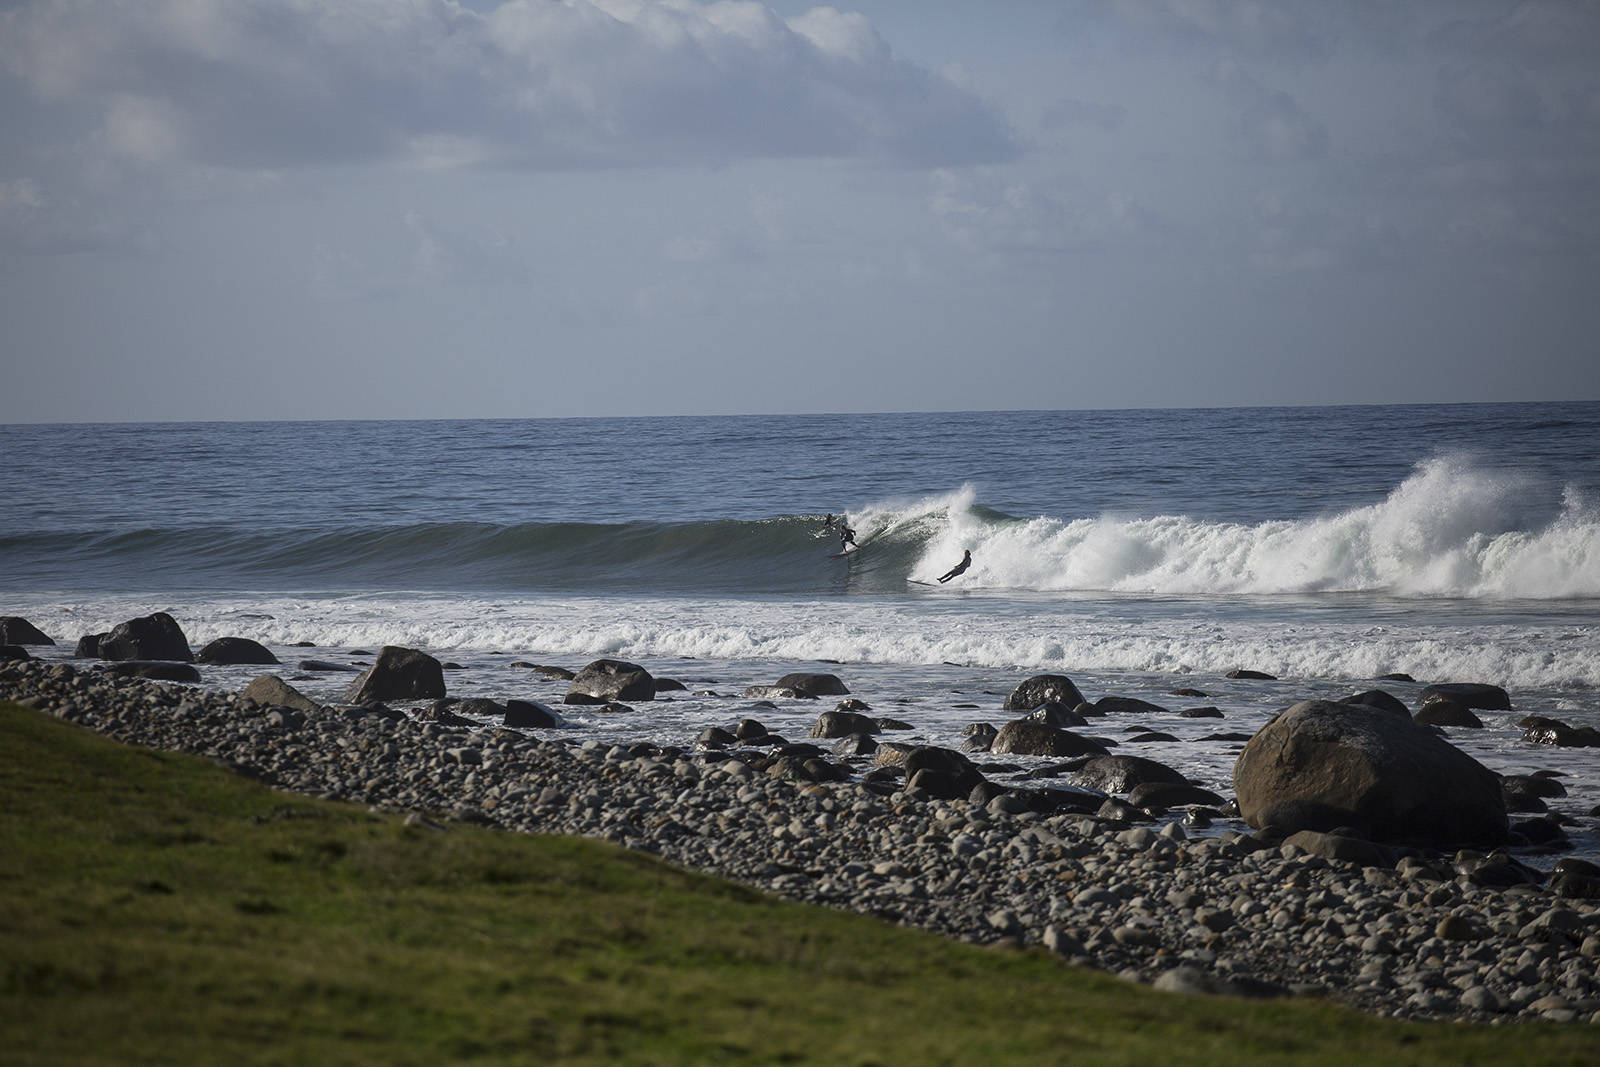 Det største miljøet for surfing i Norge finner du i Stavanger. Bilde: Christian Nerdrum